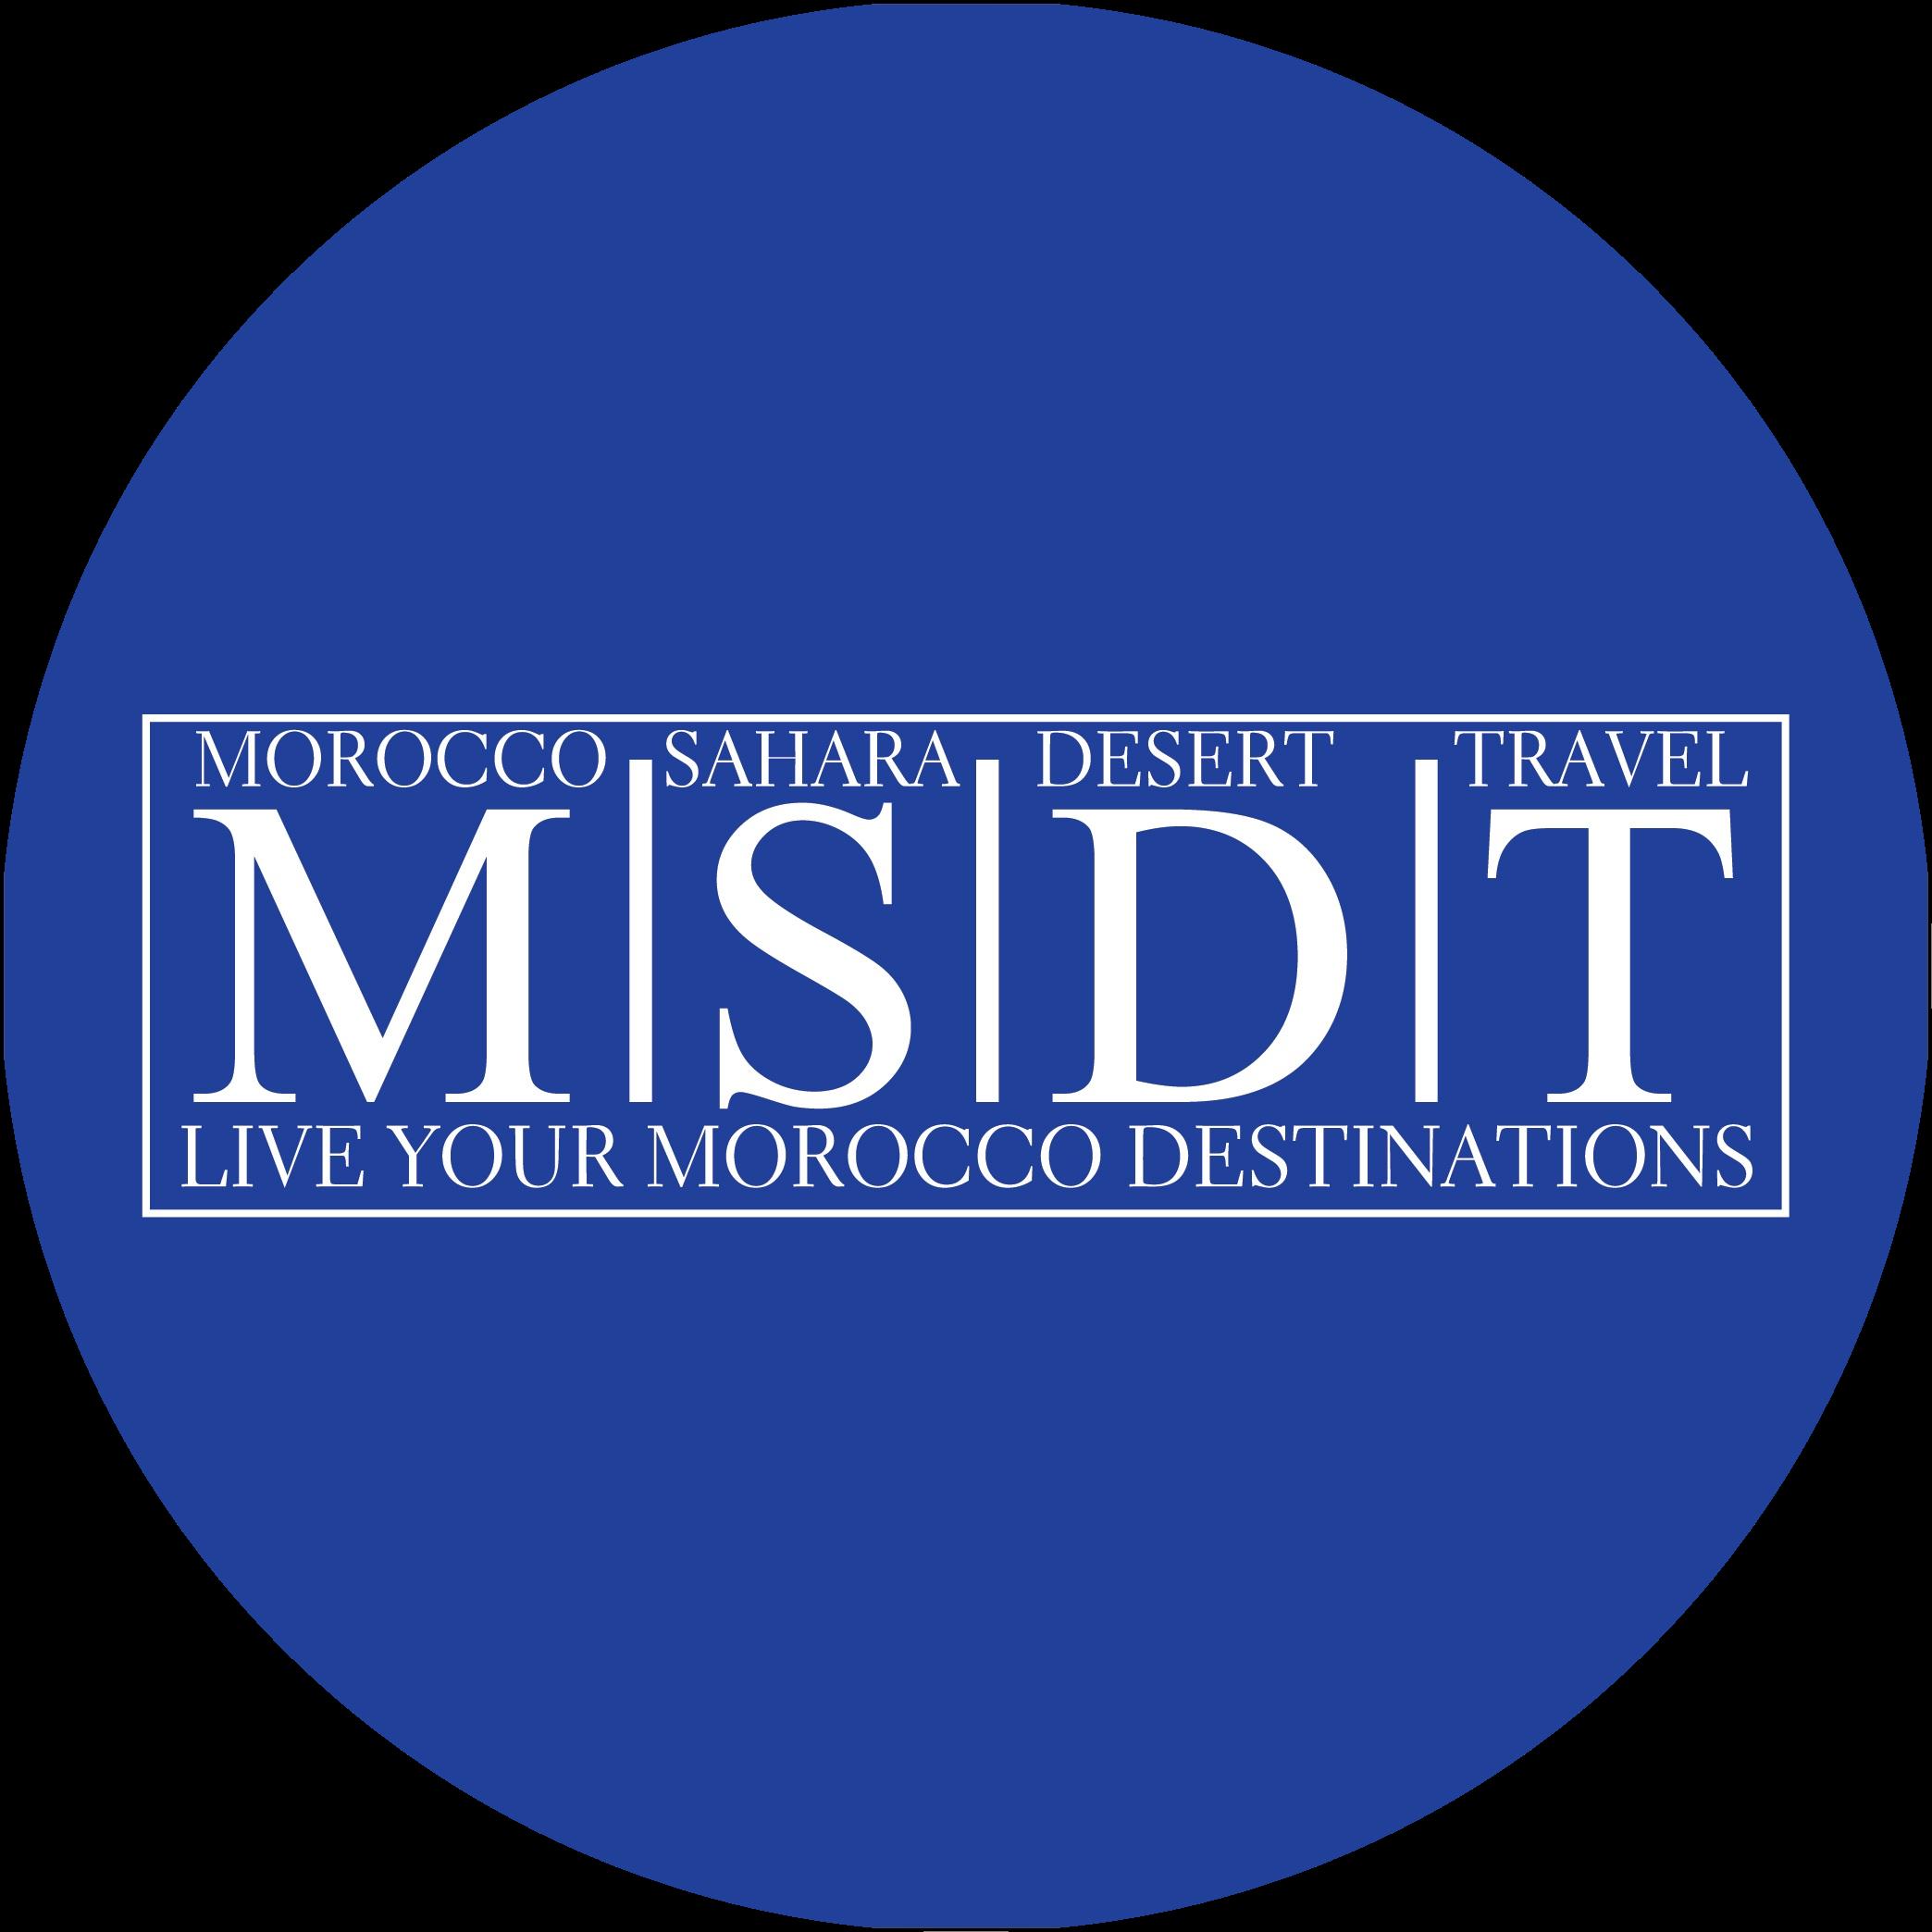 Morocco Sahara Desert Travel